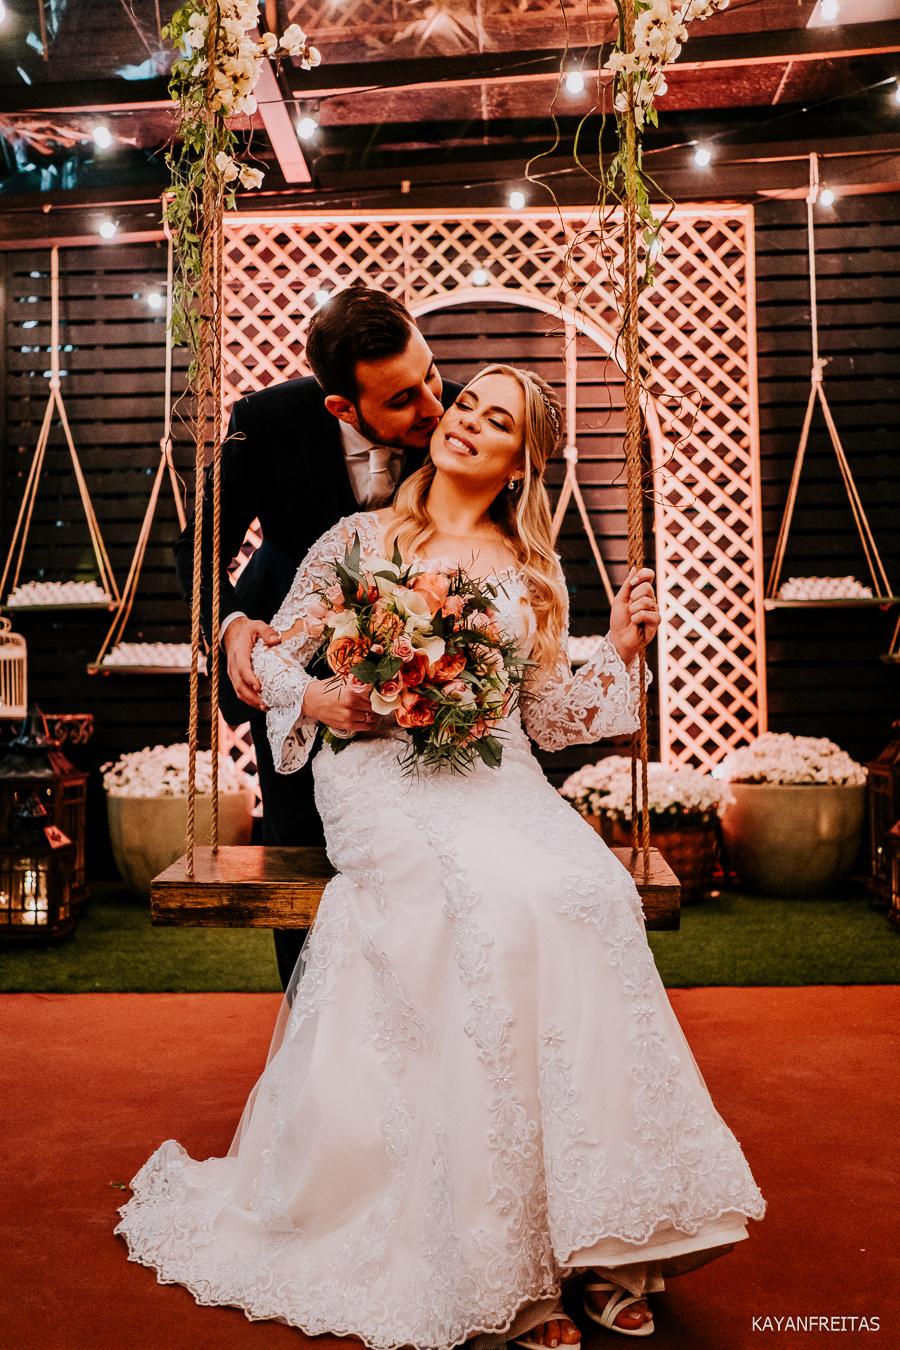 casamento-vila-dos-aracas-floripa-0125 Casamento Joana e Guilherme - Vila dos Araças